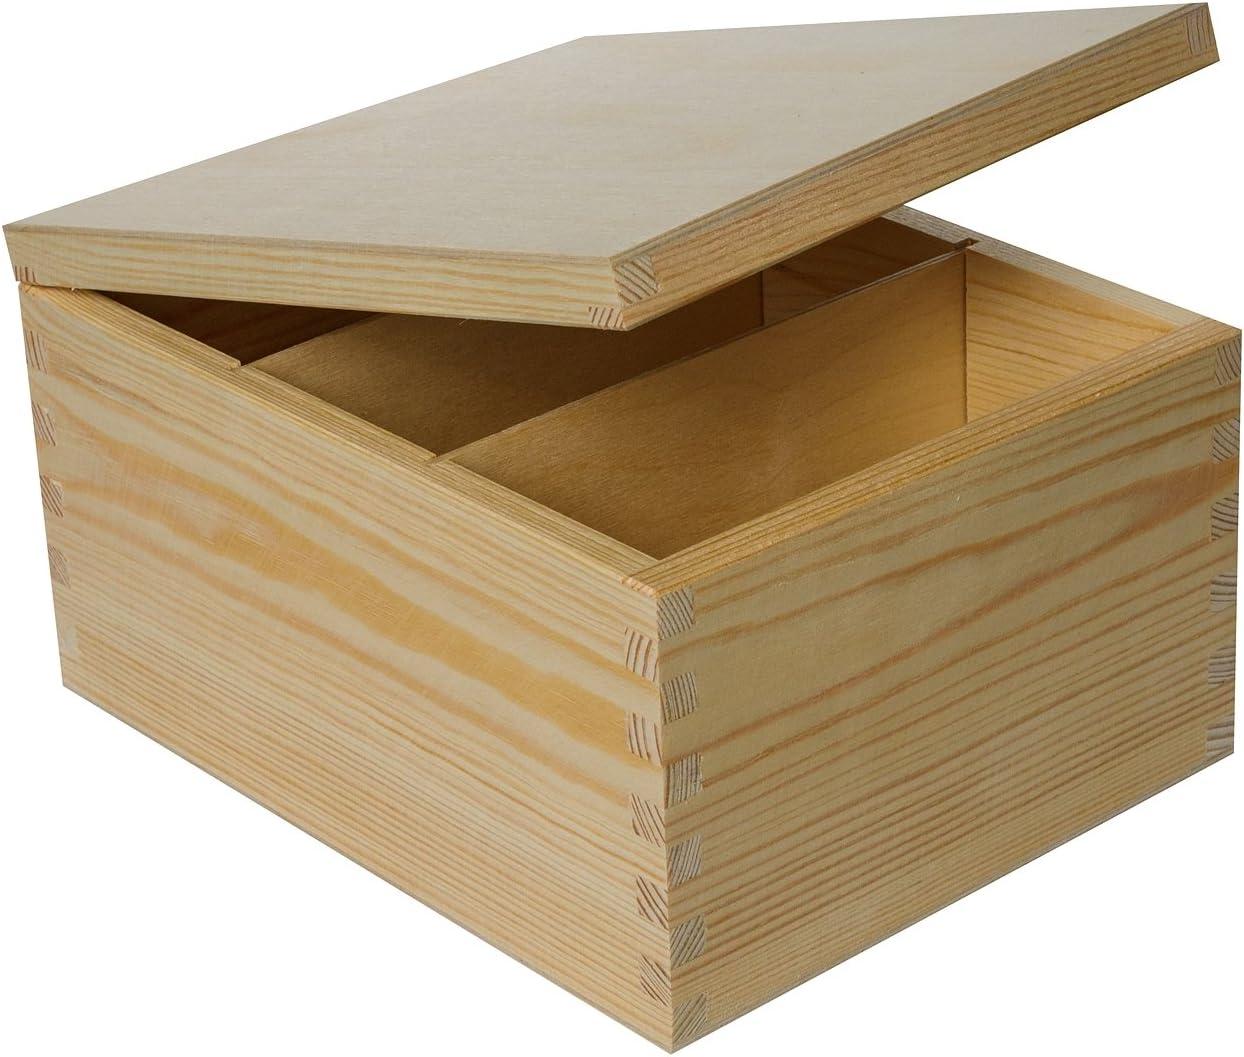 Creative Deco Caja Madera para CD DVD Carta | 3 Compartimentos | 18,5 x 24 x 13,5 cm | para Decorar con Tapa | Decoracion Almacenaje Herramiente Decoupage | Perfecta para Documentos Juguetes: Amazon.es: Oficina y papelería